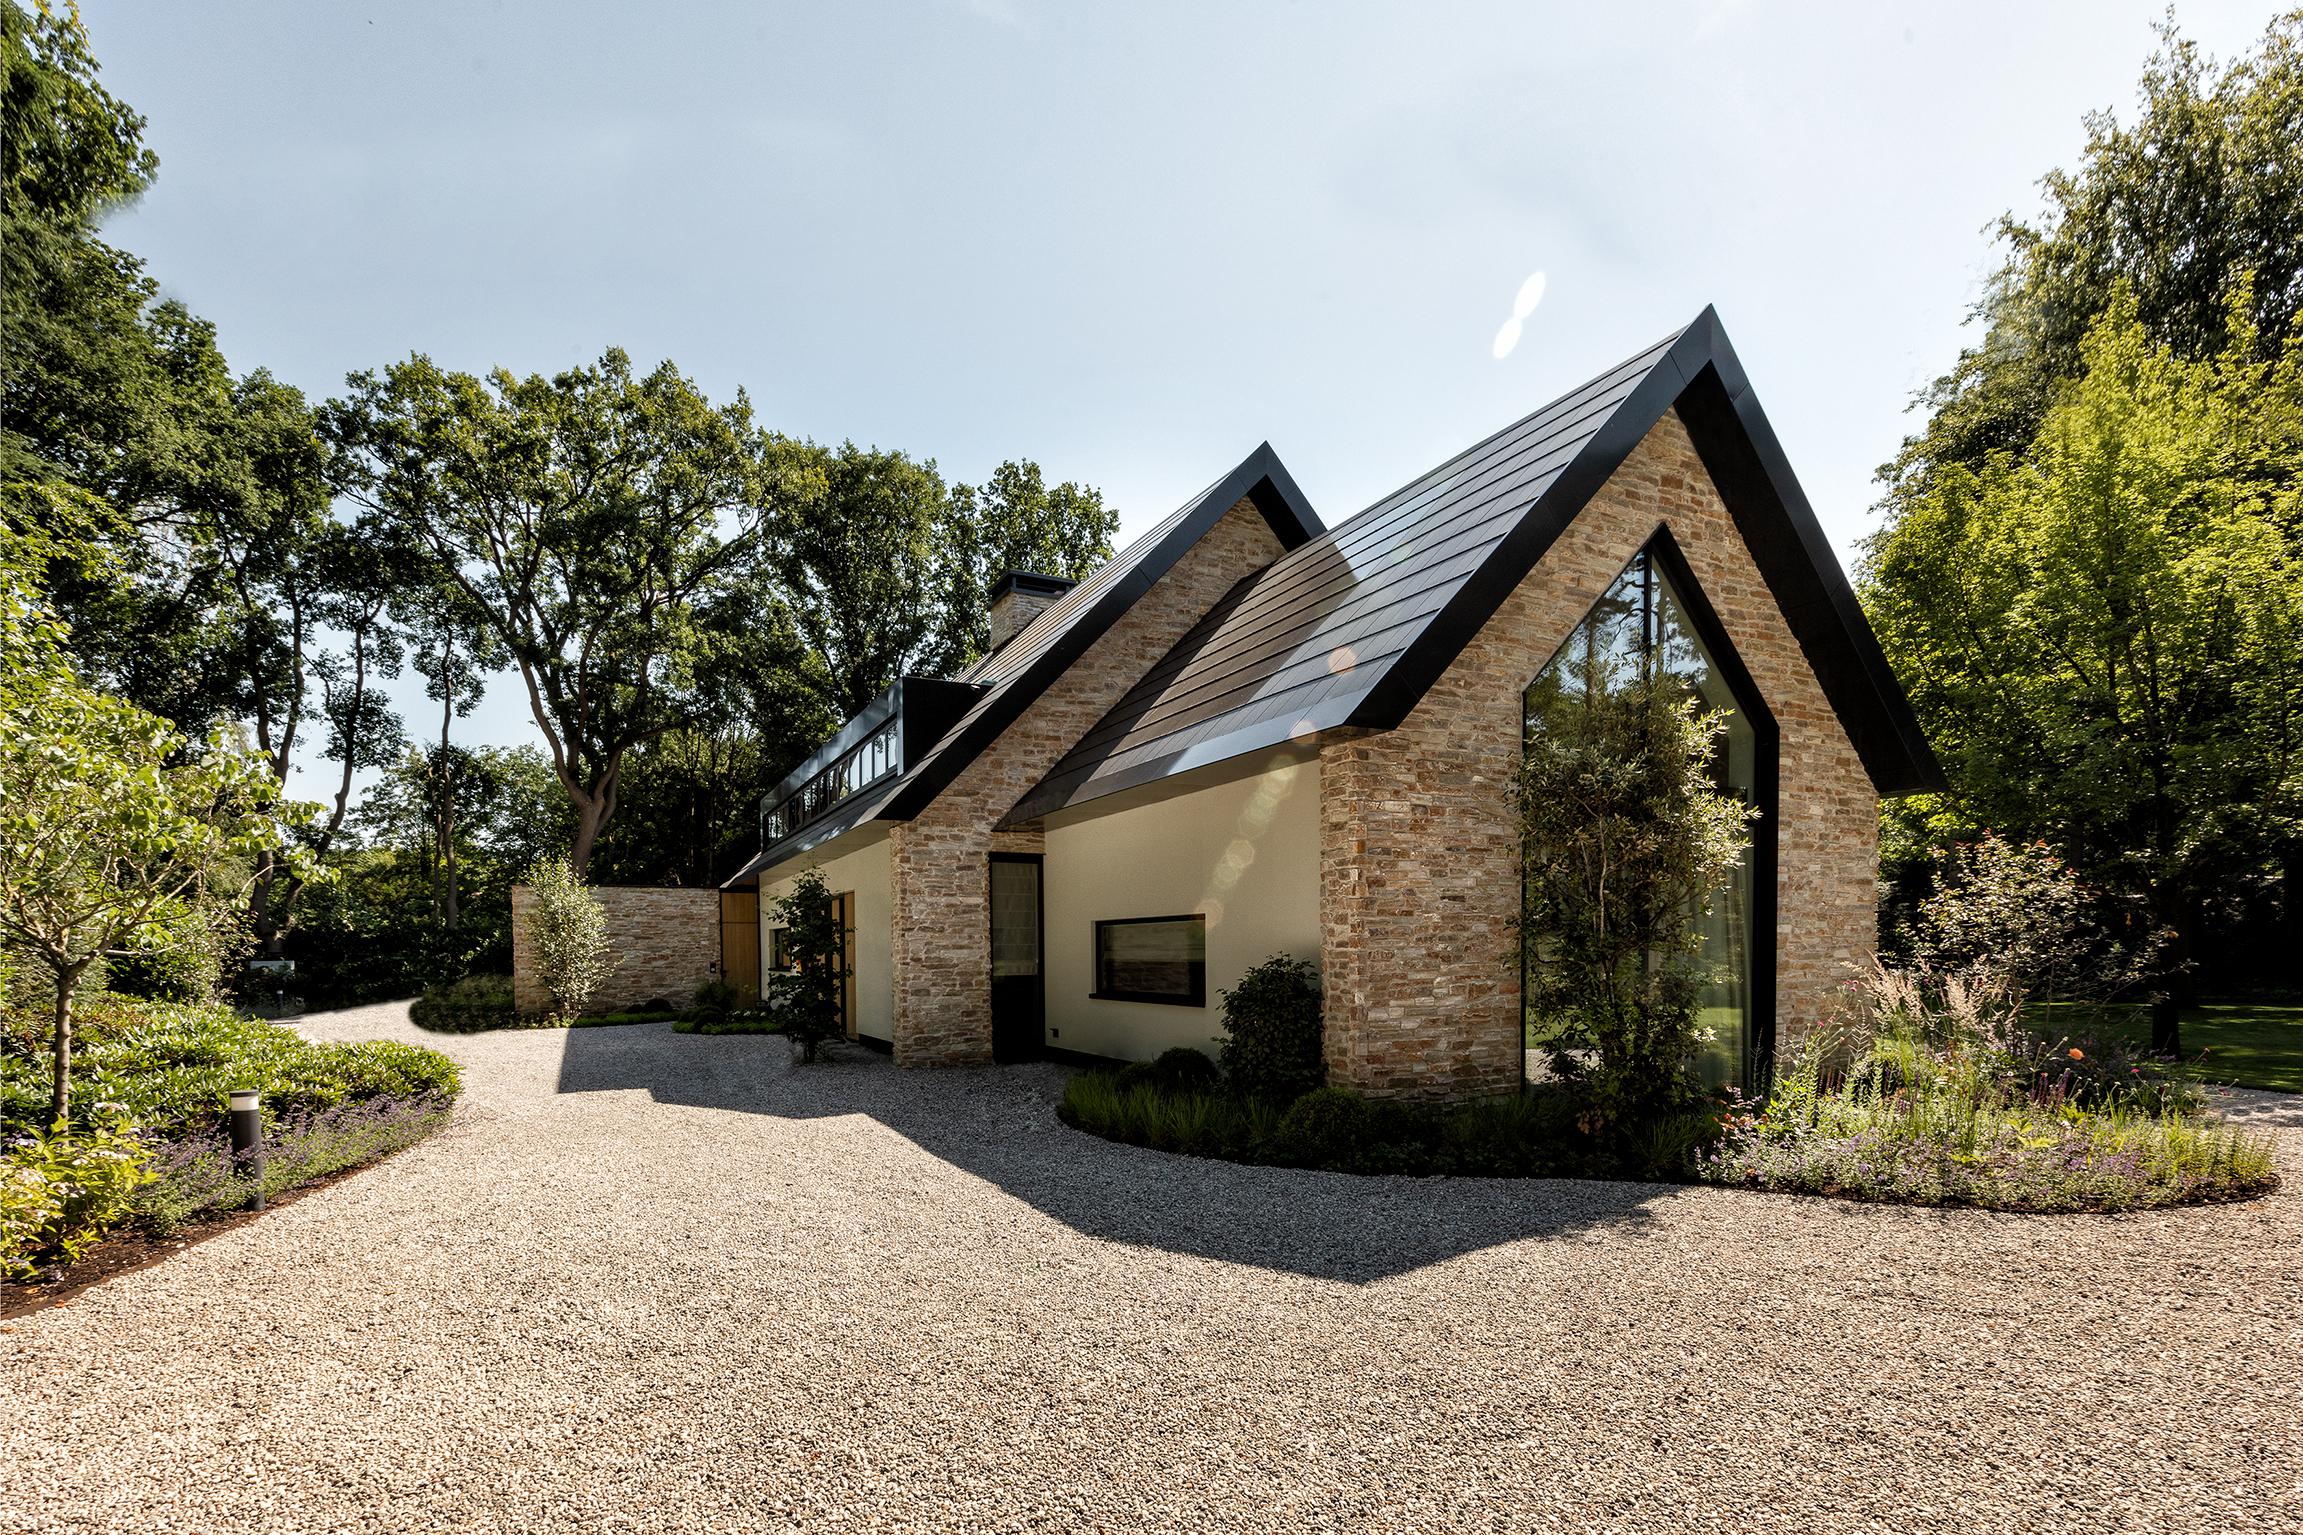 Villa met Rocks Steenstrips - J. van der Windt B.V.